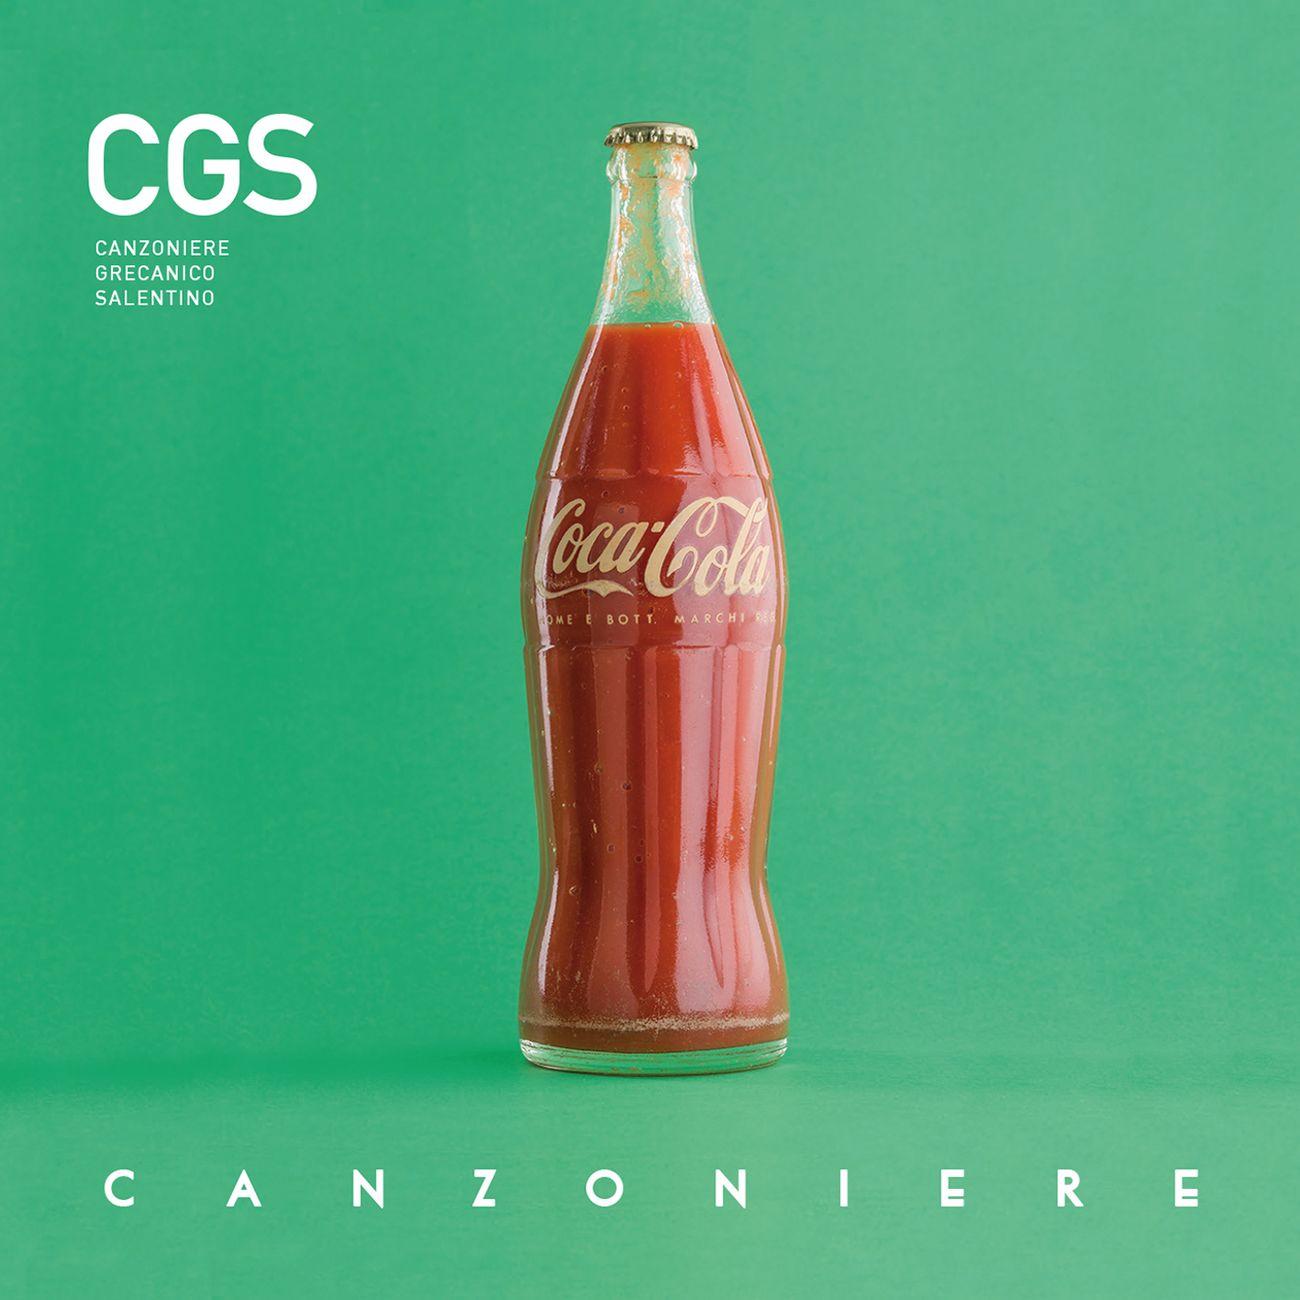 Canzoniere Grecanico Salentino, Canzoniere (2017). Copertina del booklet